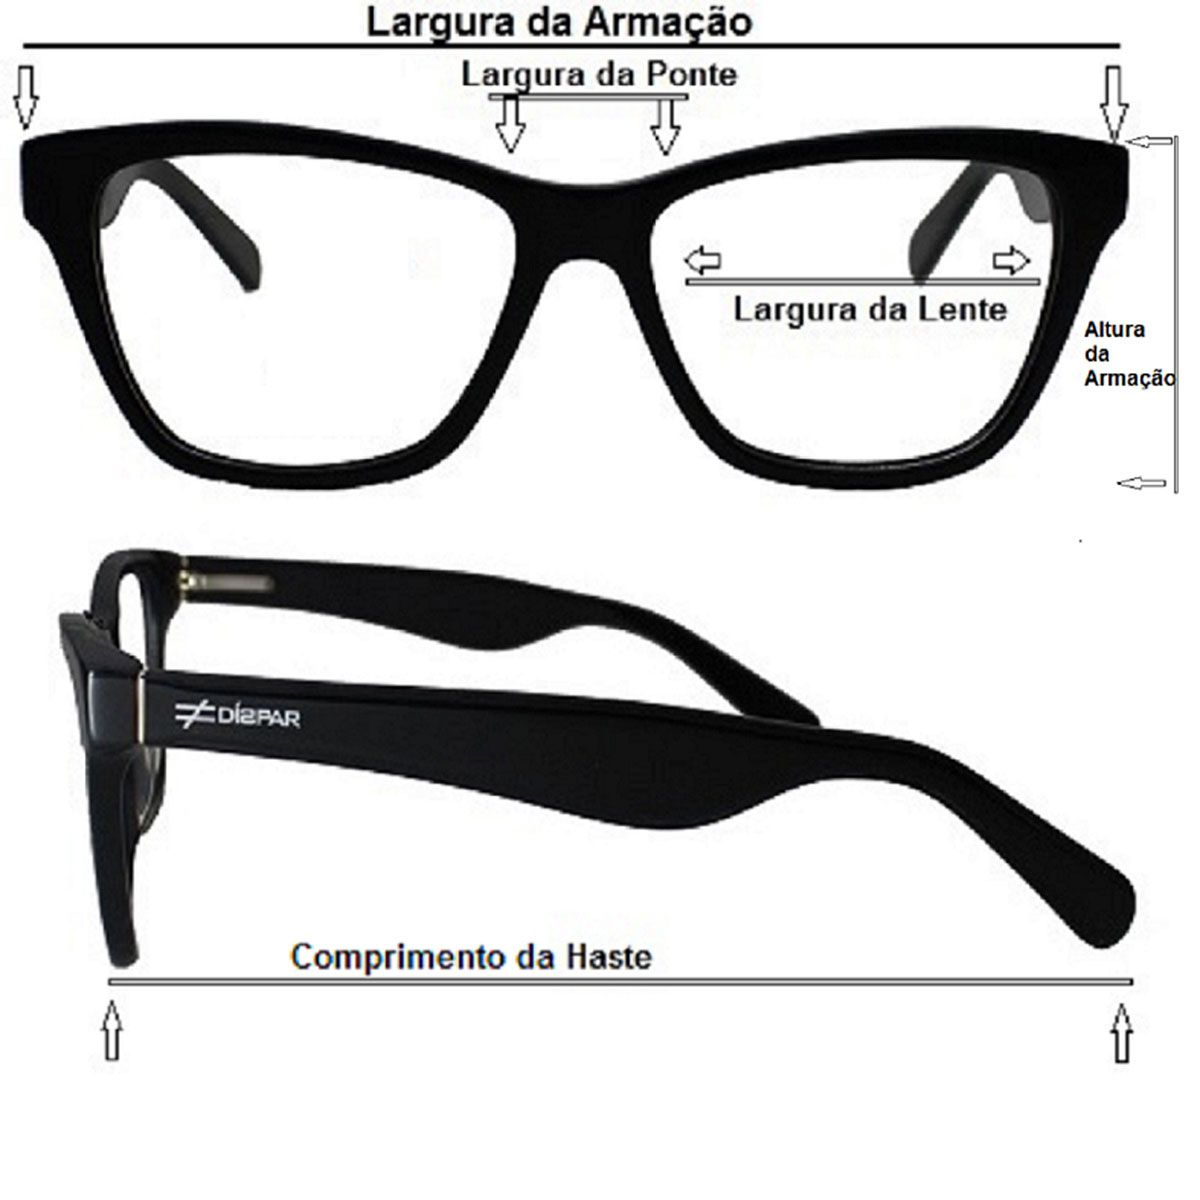 Óculos De Sol Díspar Infantil ID2040 Flexível Idade6 a 9 anos - Preto